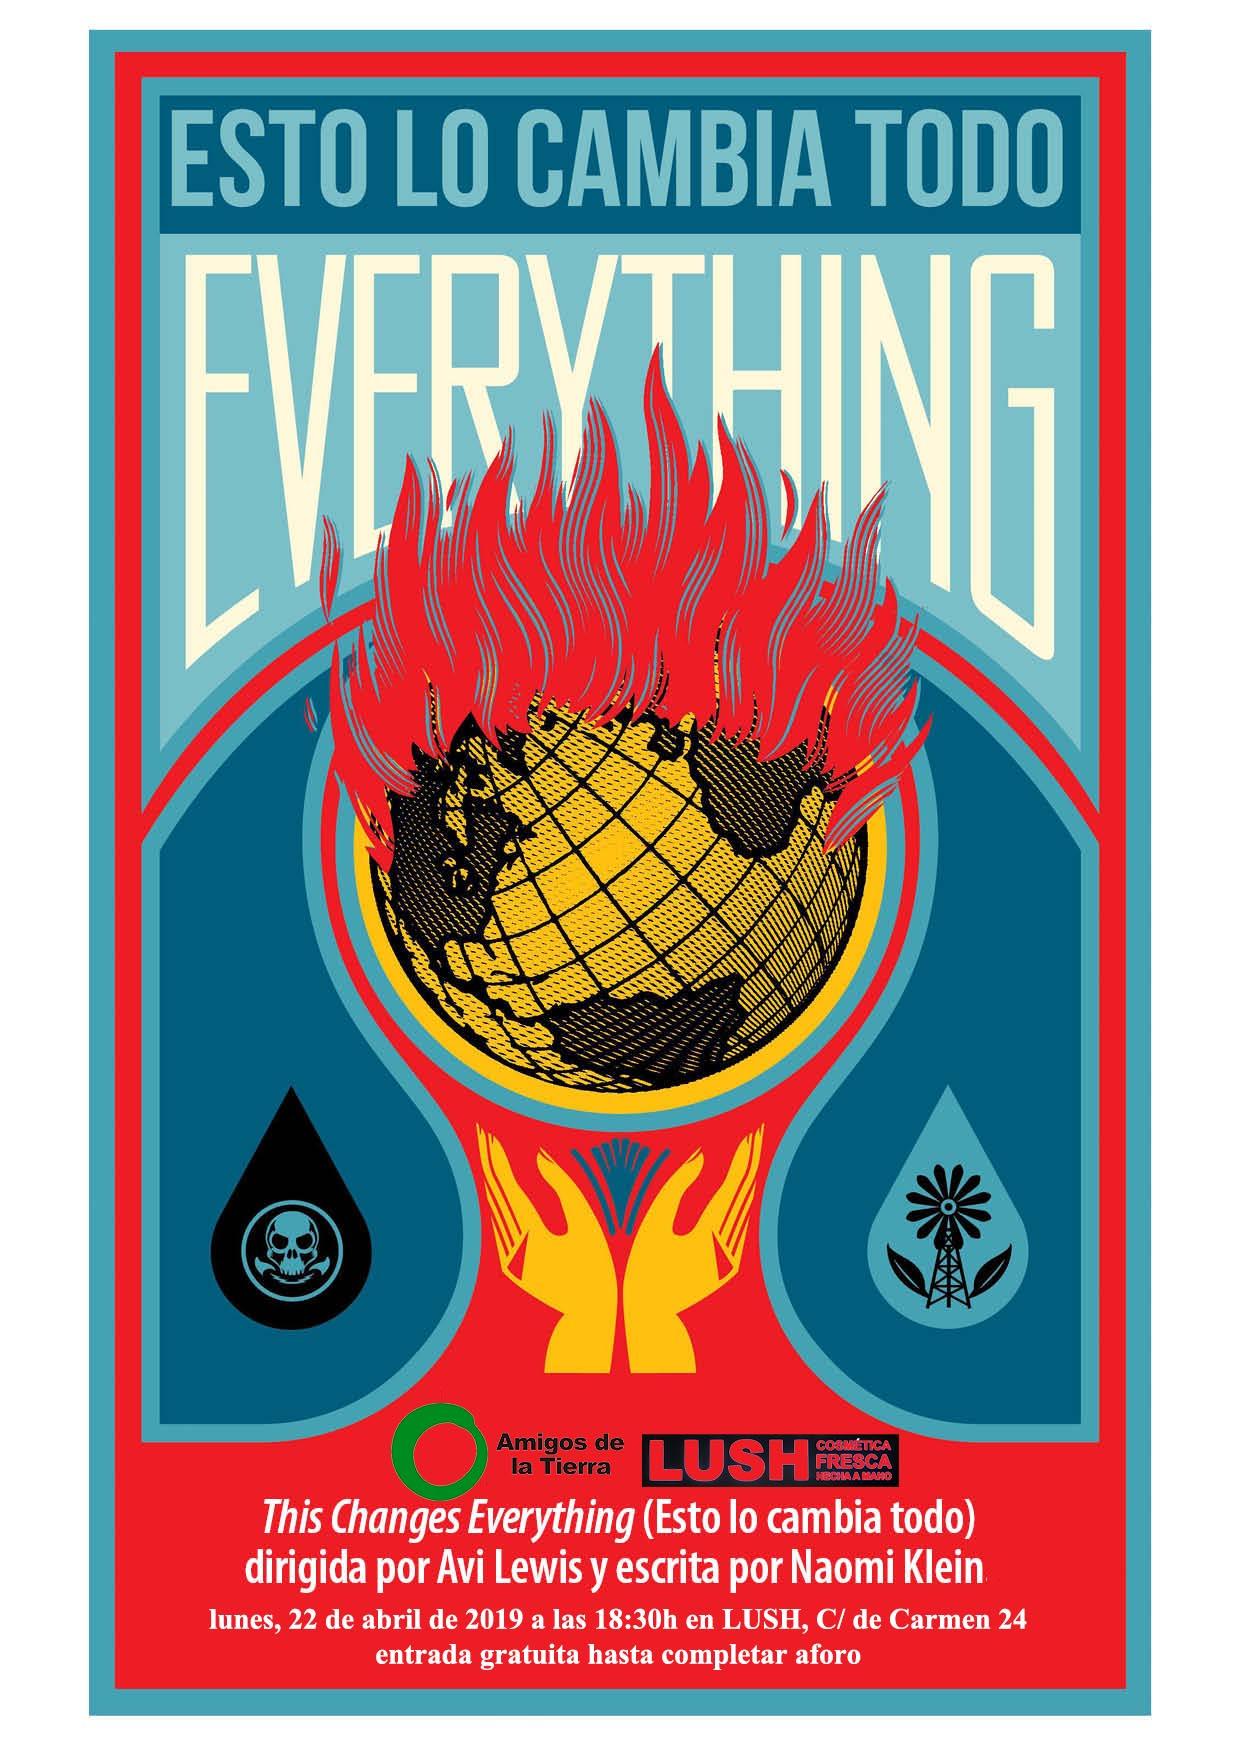 Ir a Madrid: Cine-forum sobre el cambio climático en LUSH